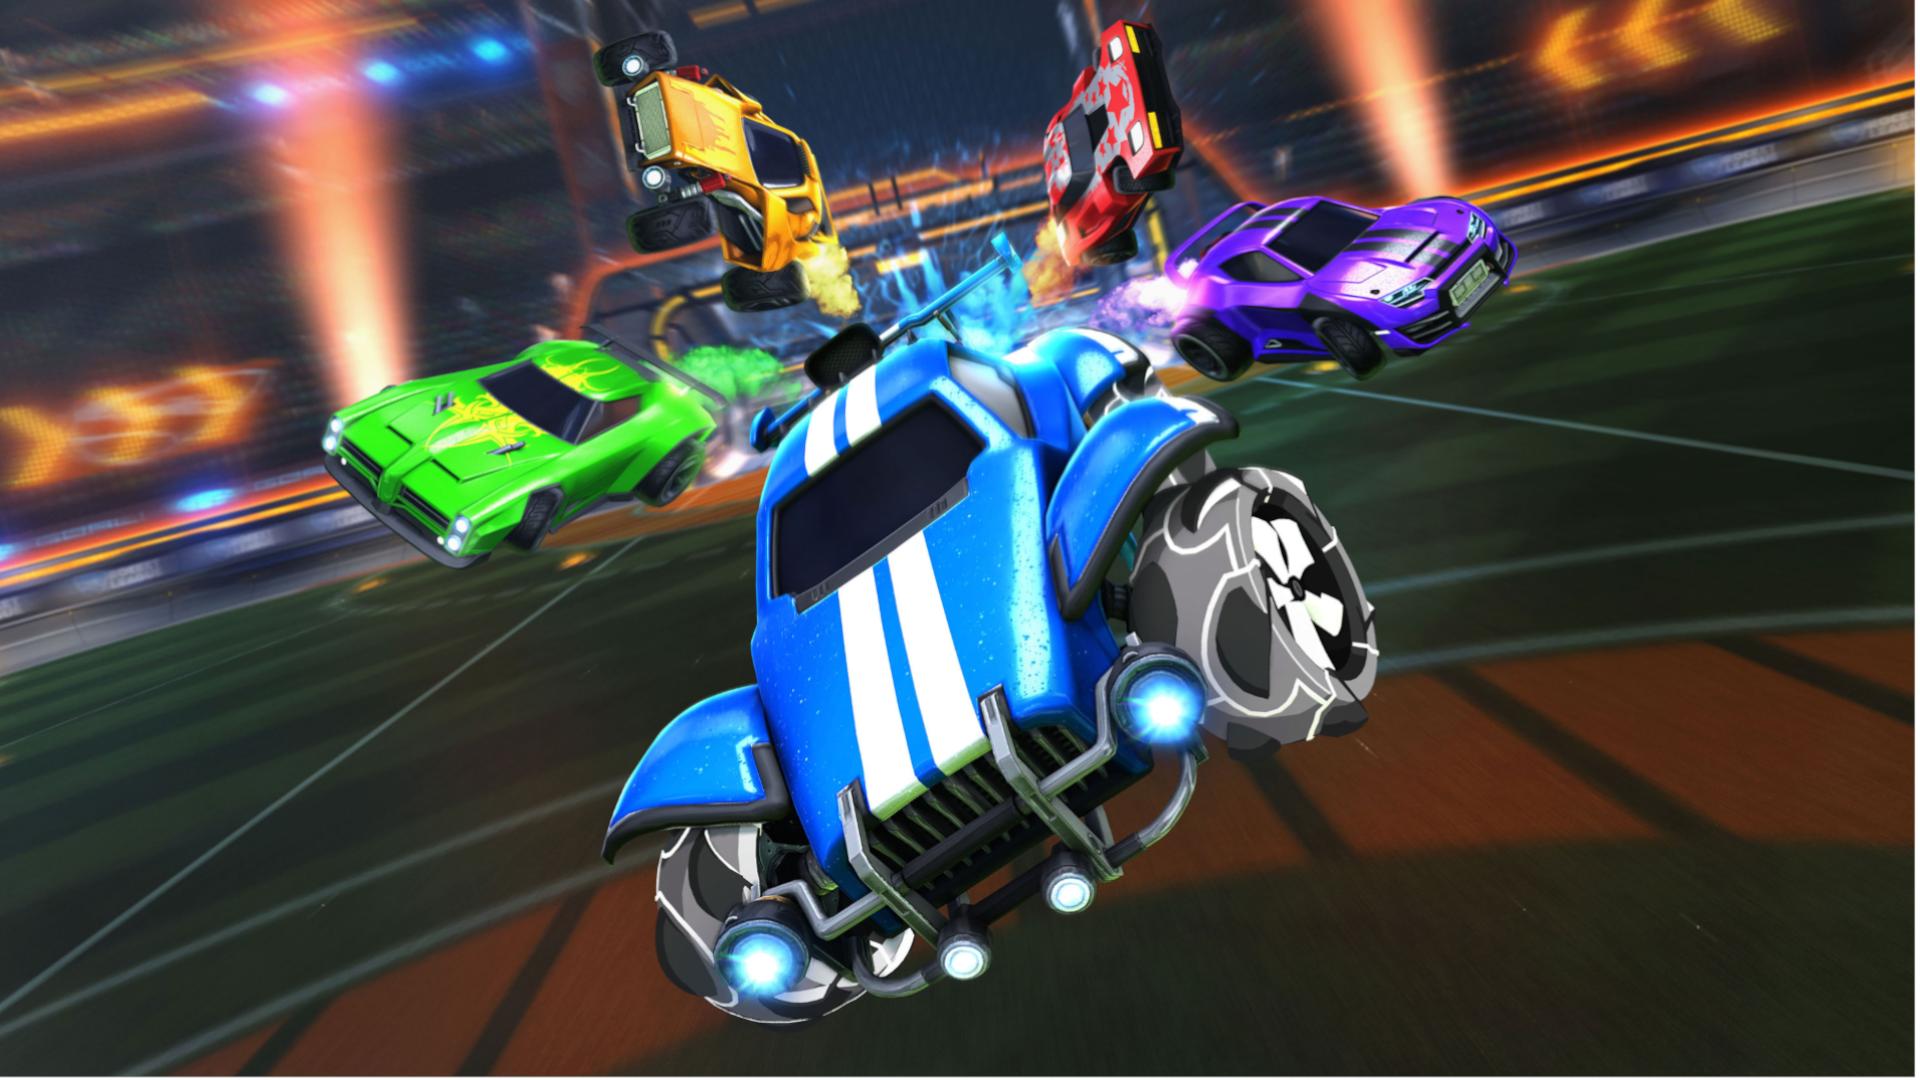 Rocket League mistura dois esportes populares em um jogo intenso (Foto: Divulgação/Psyonix)